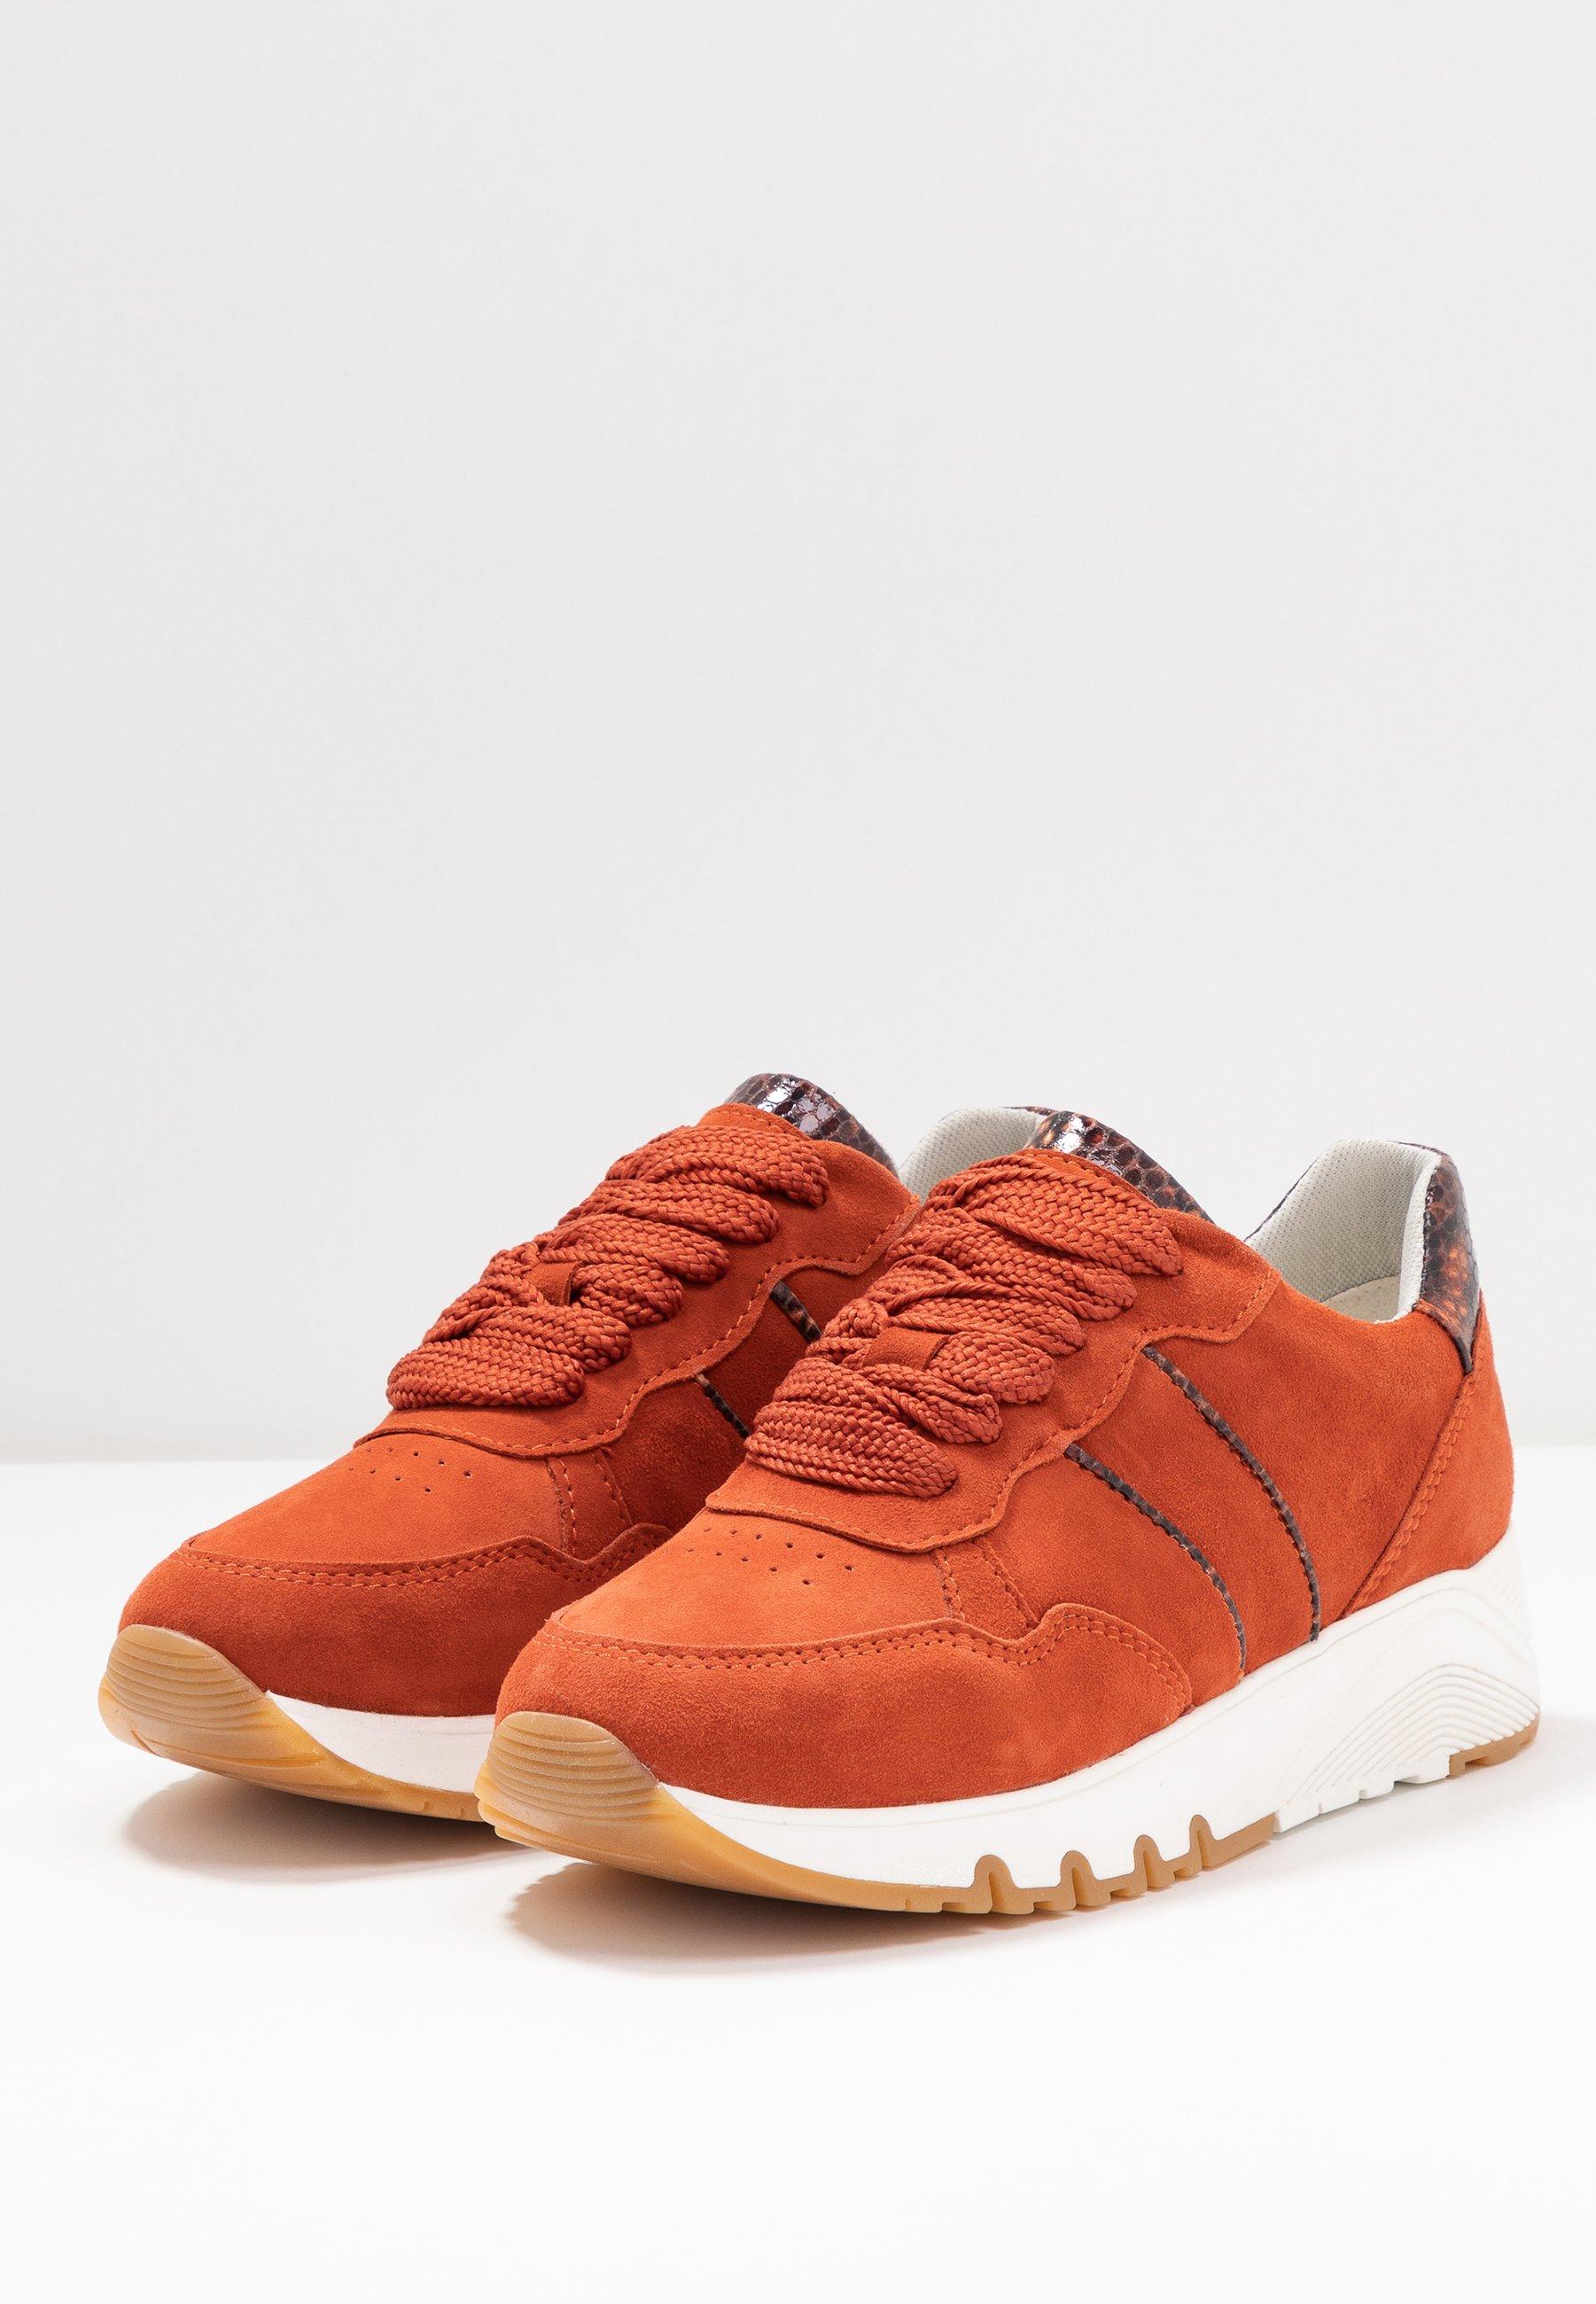 Tamaris Sneakers - Brandy